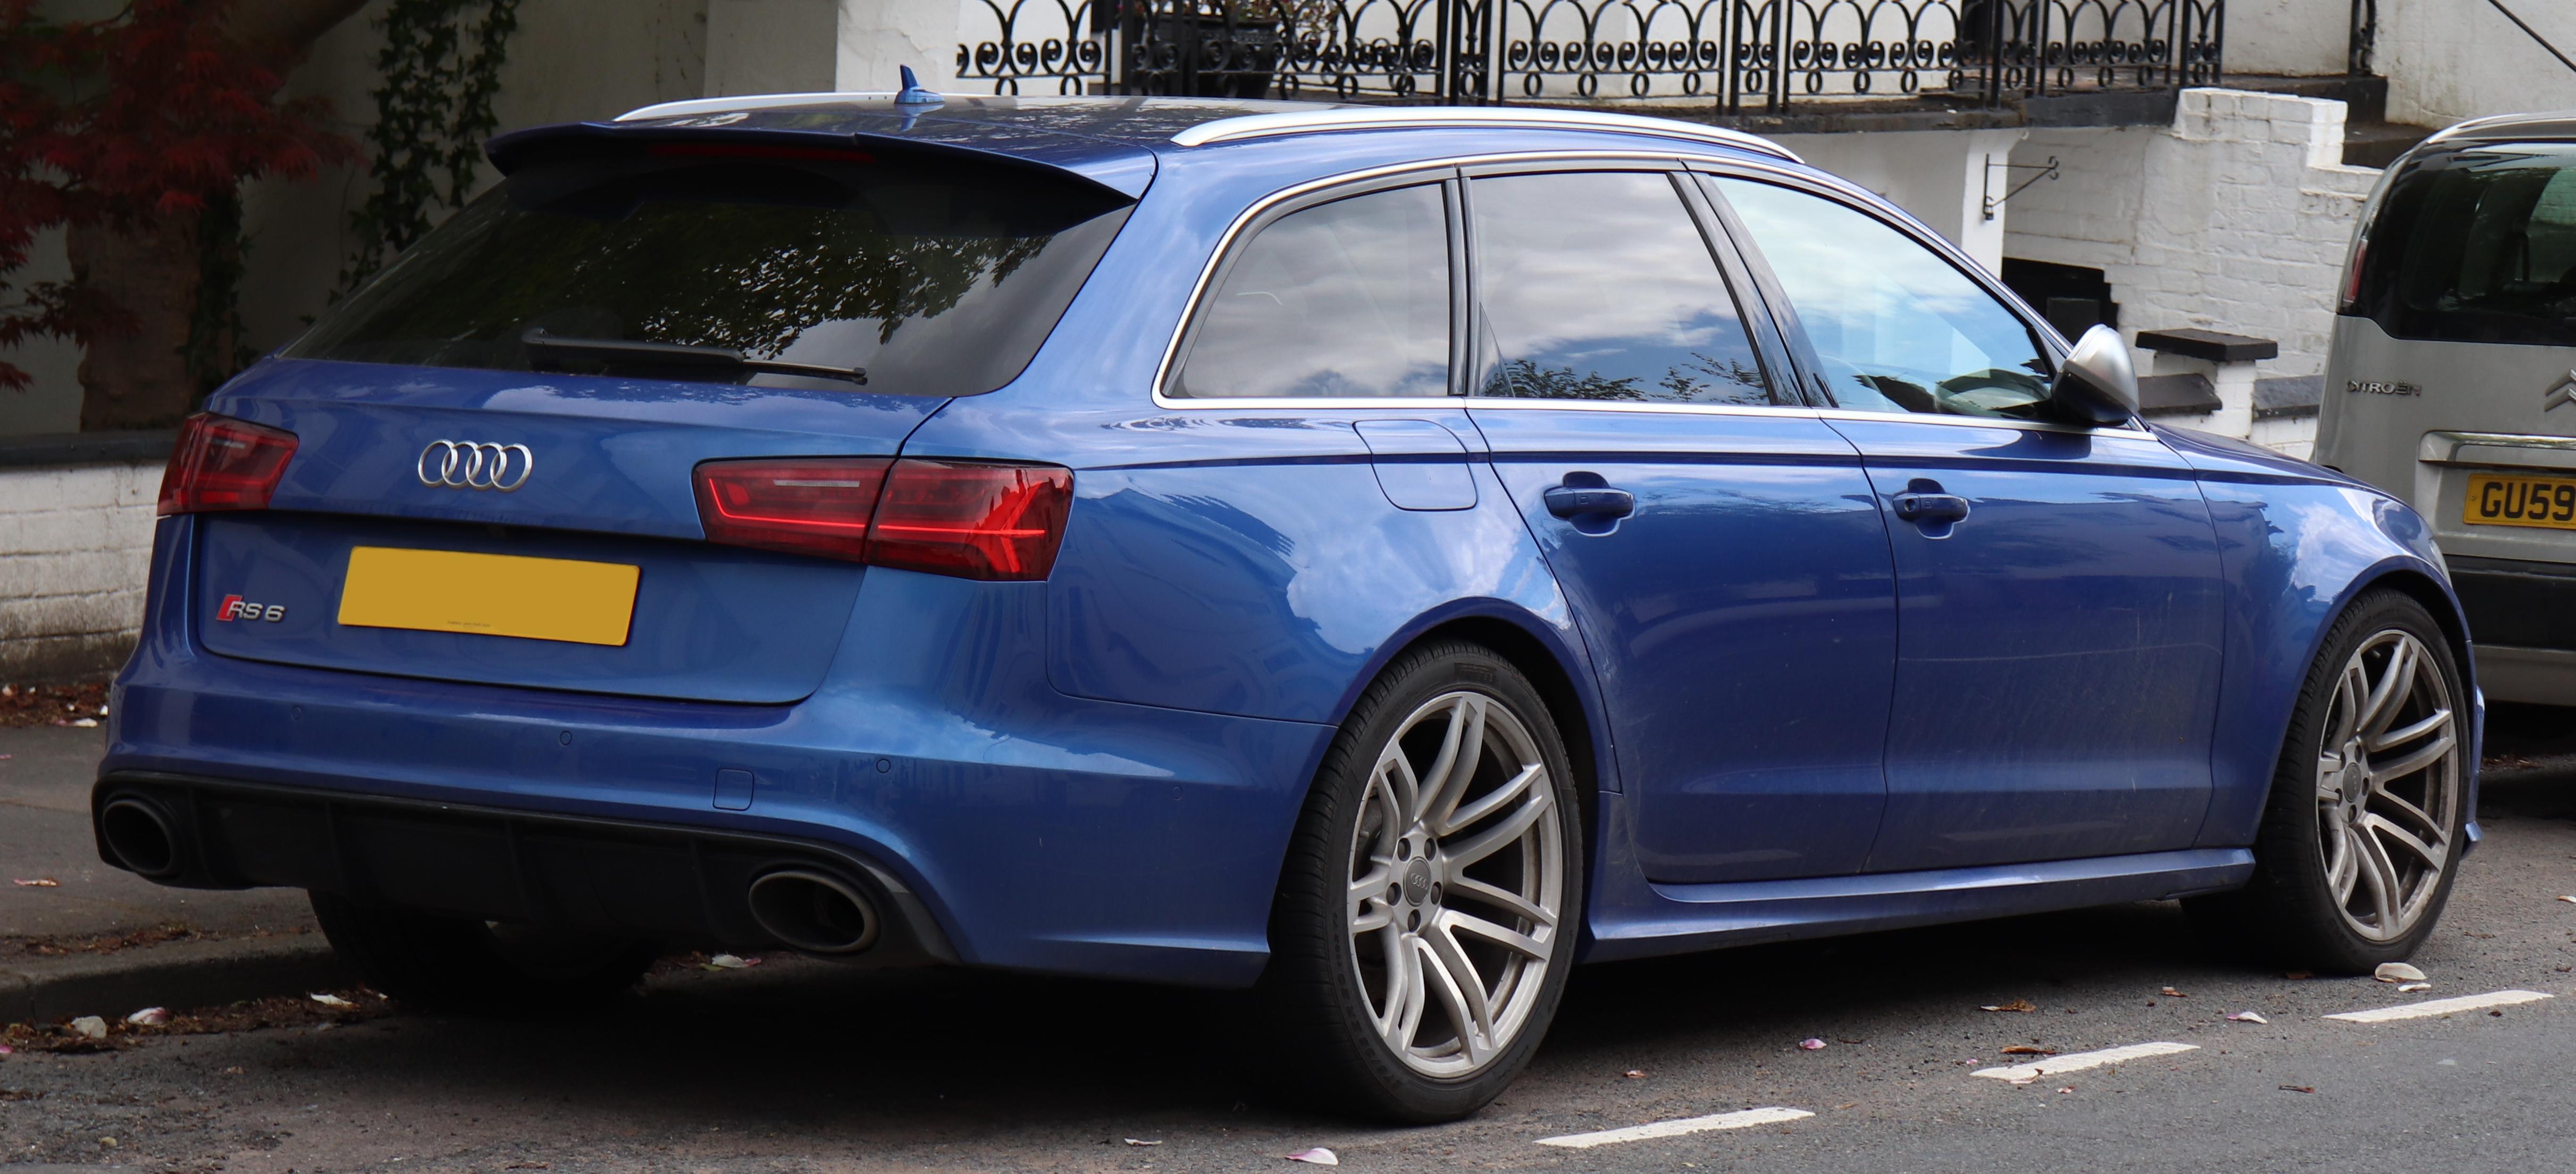 Kelebihan Audi Rs6 2015 Murah Berkualitas